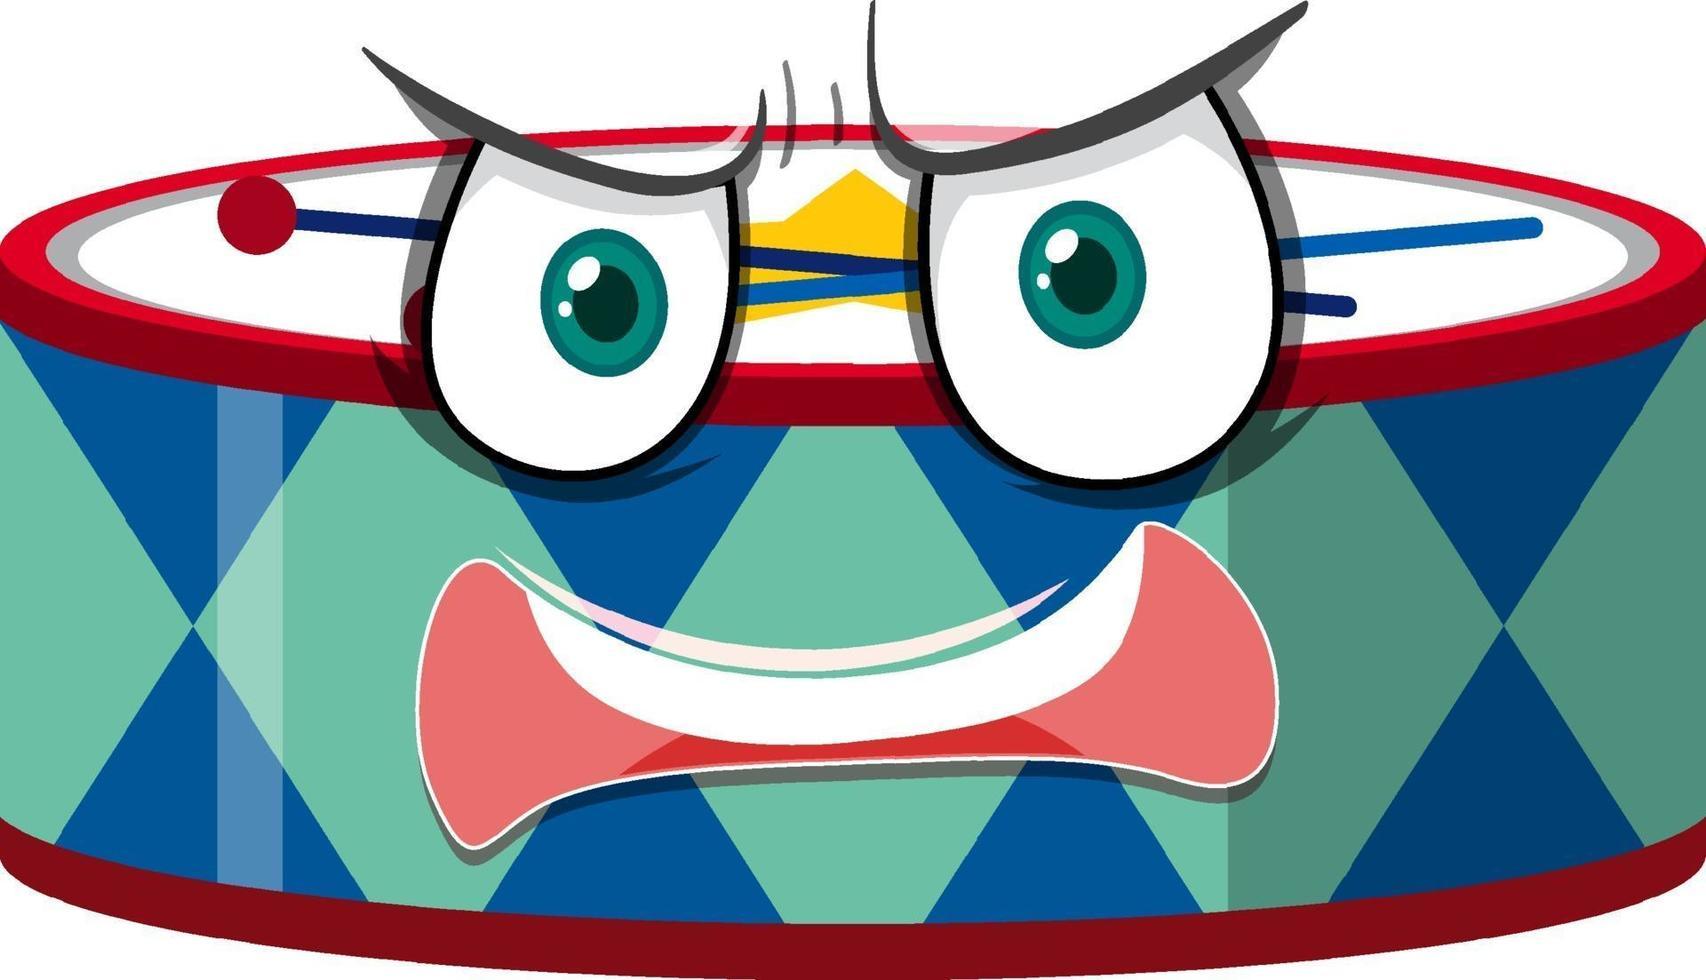 trumma seriefigur med ansiktsuttryck vektor